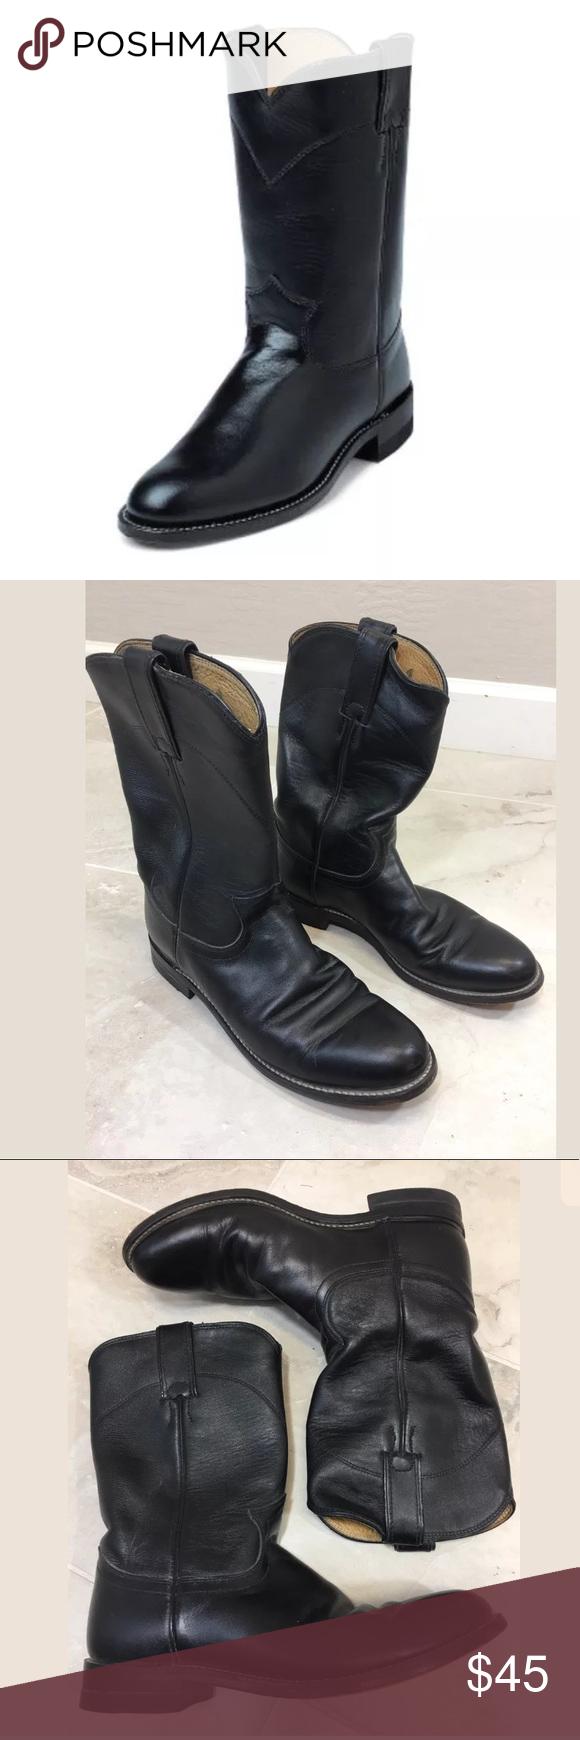 268a8971f03 Justin Women's Black Leather Roper Boots 7.5 B 'Cora' kipskin Black ...